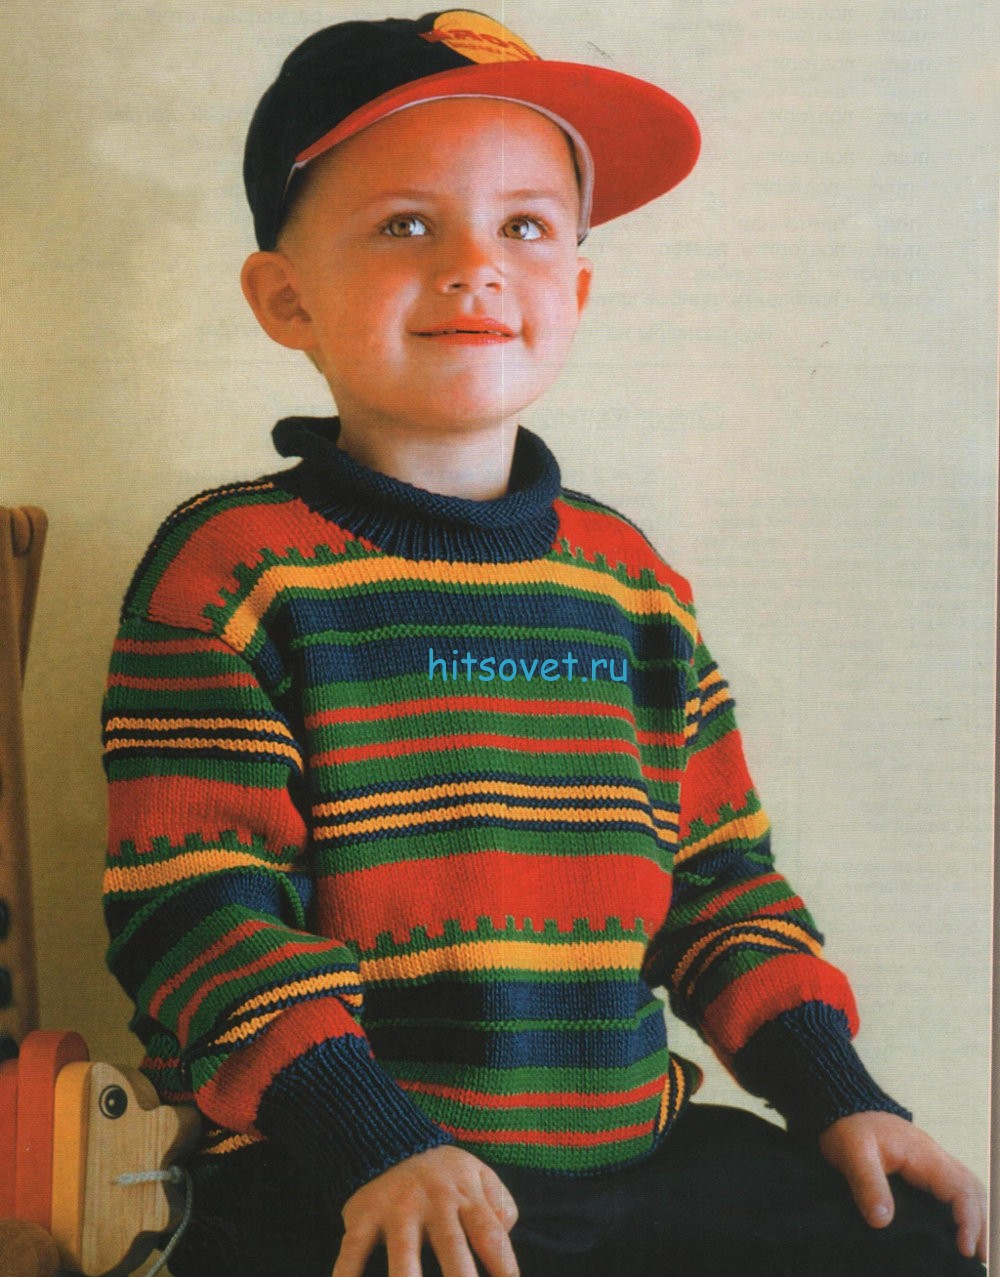 Вязание для мальчиков полосатого пуловера спицами